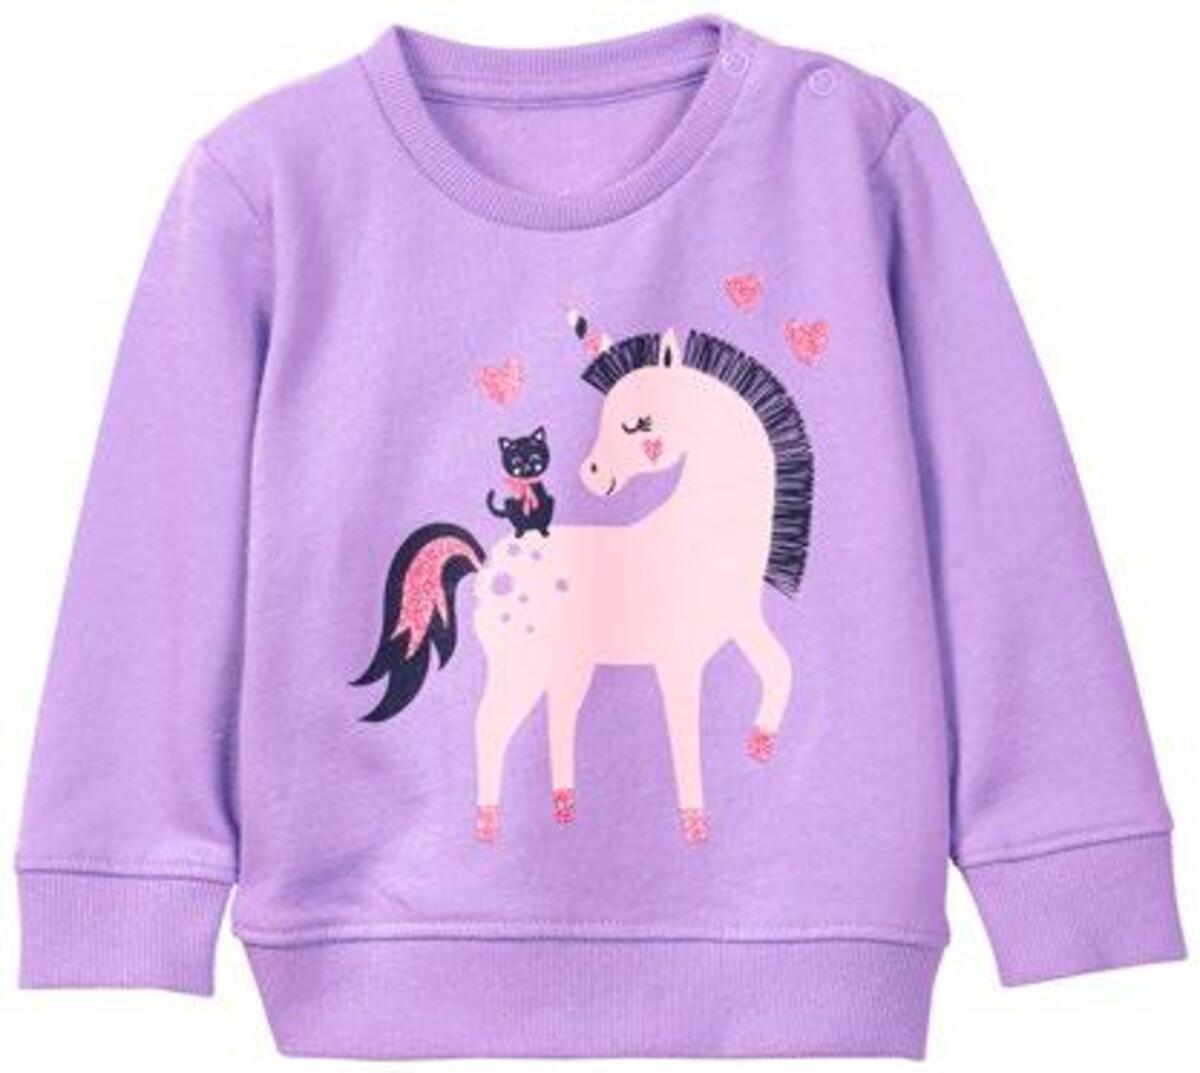 Bild 6 von Baby Sweatshirt